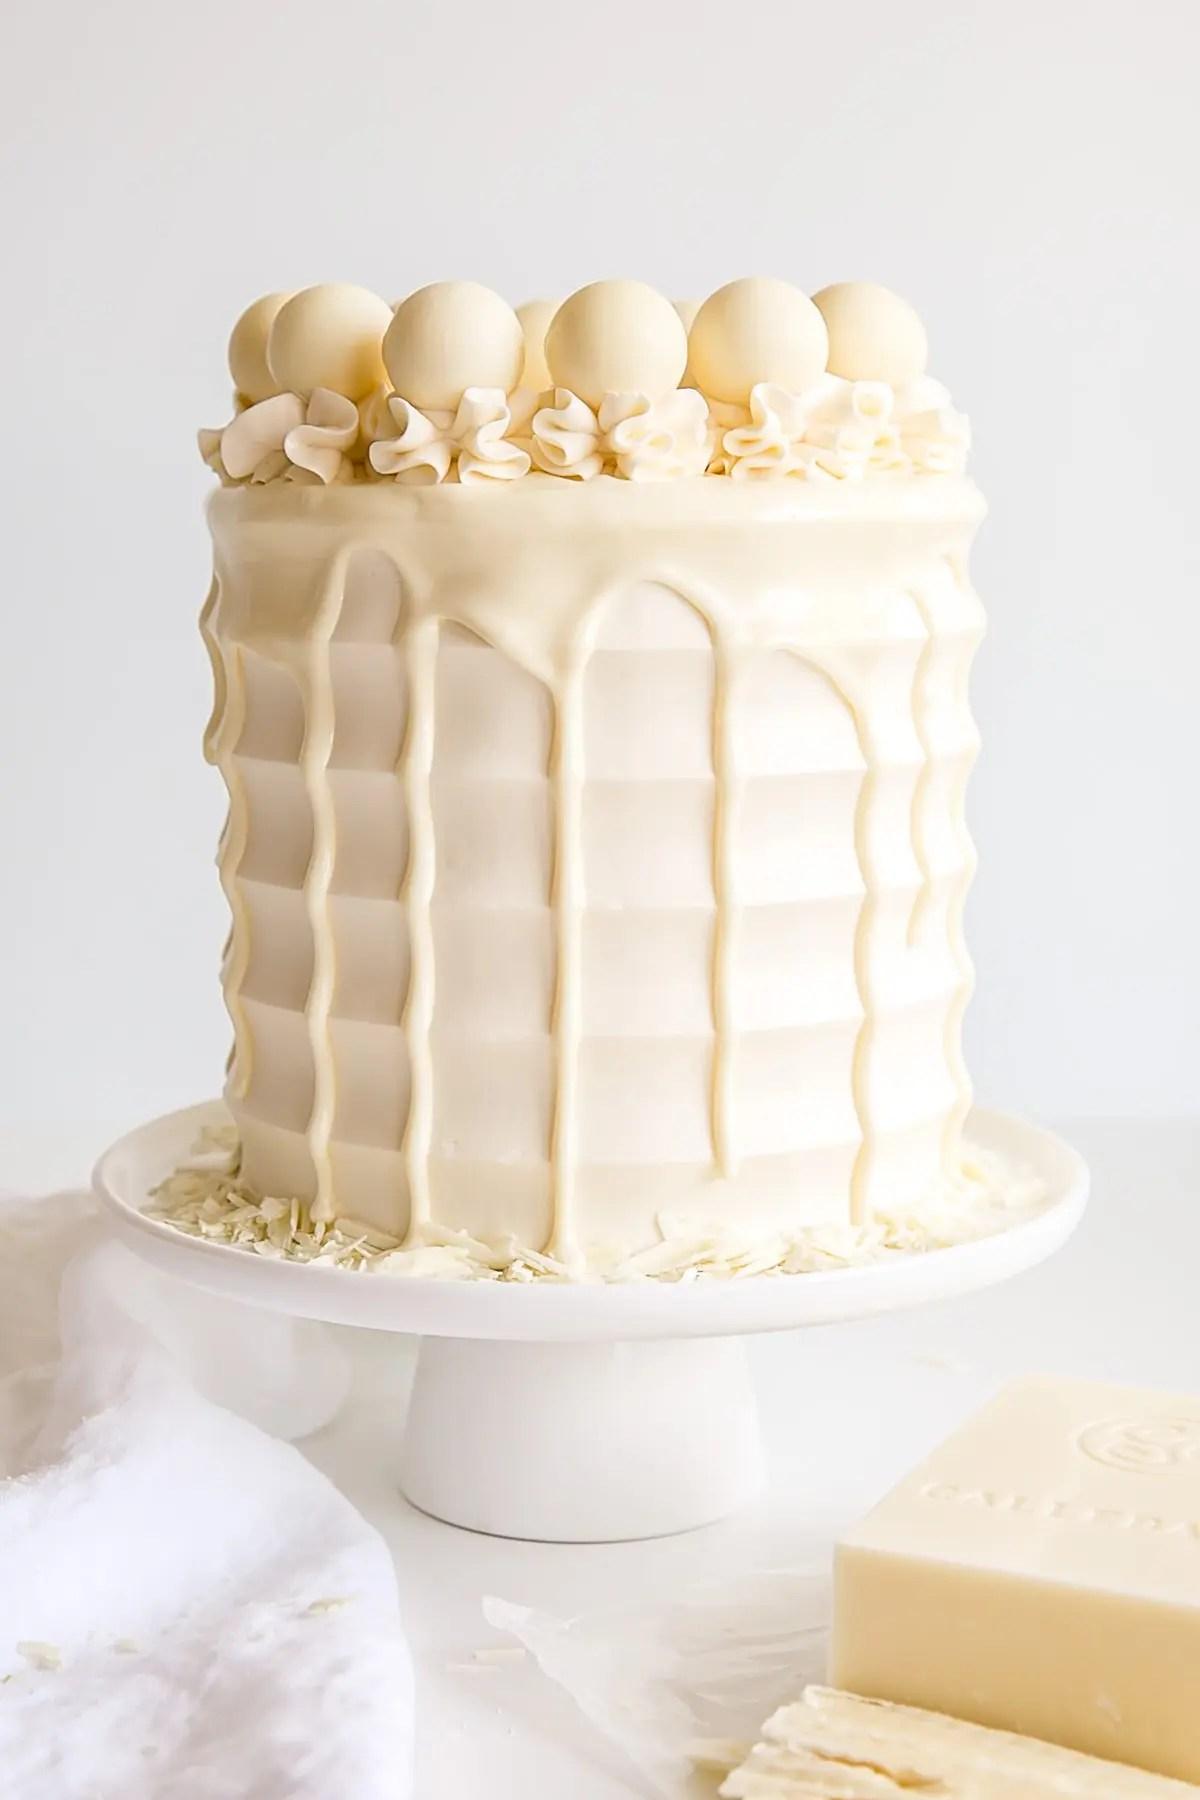 White Chocolate Cake Liv For Cake